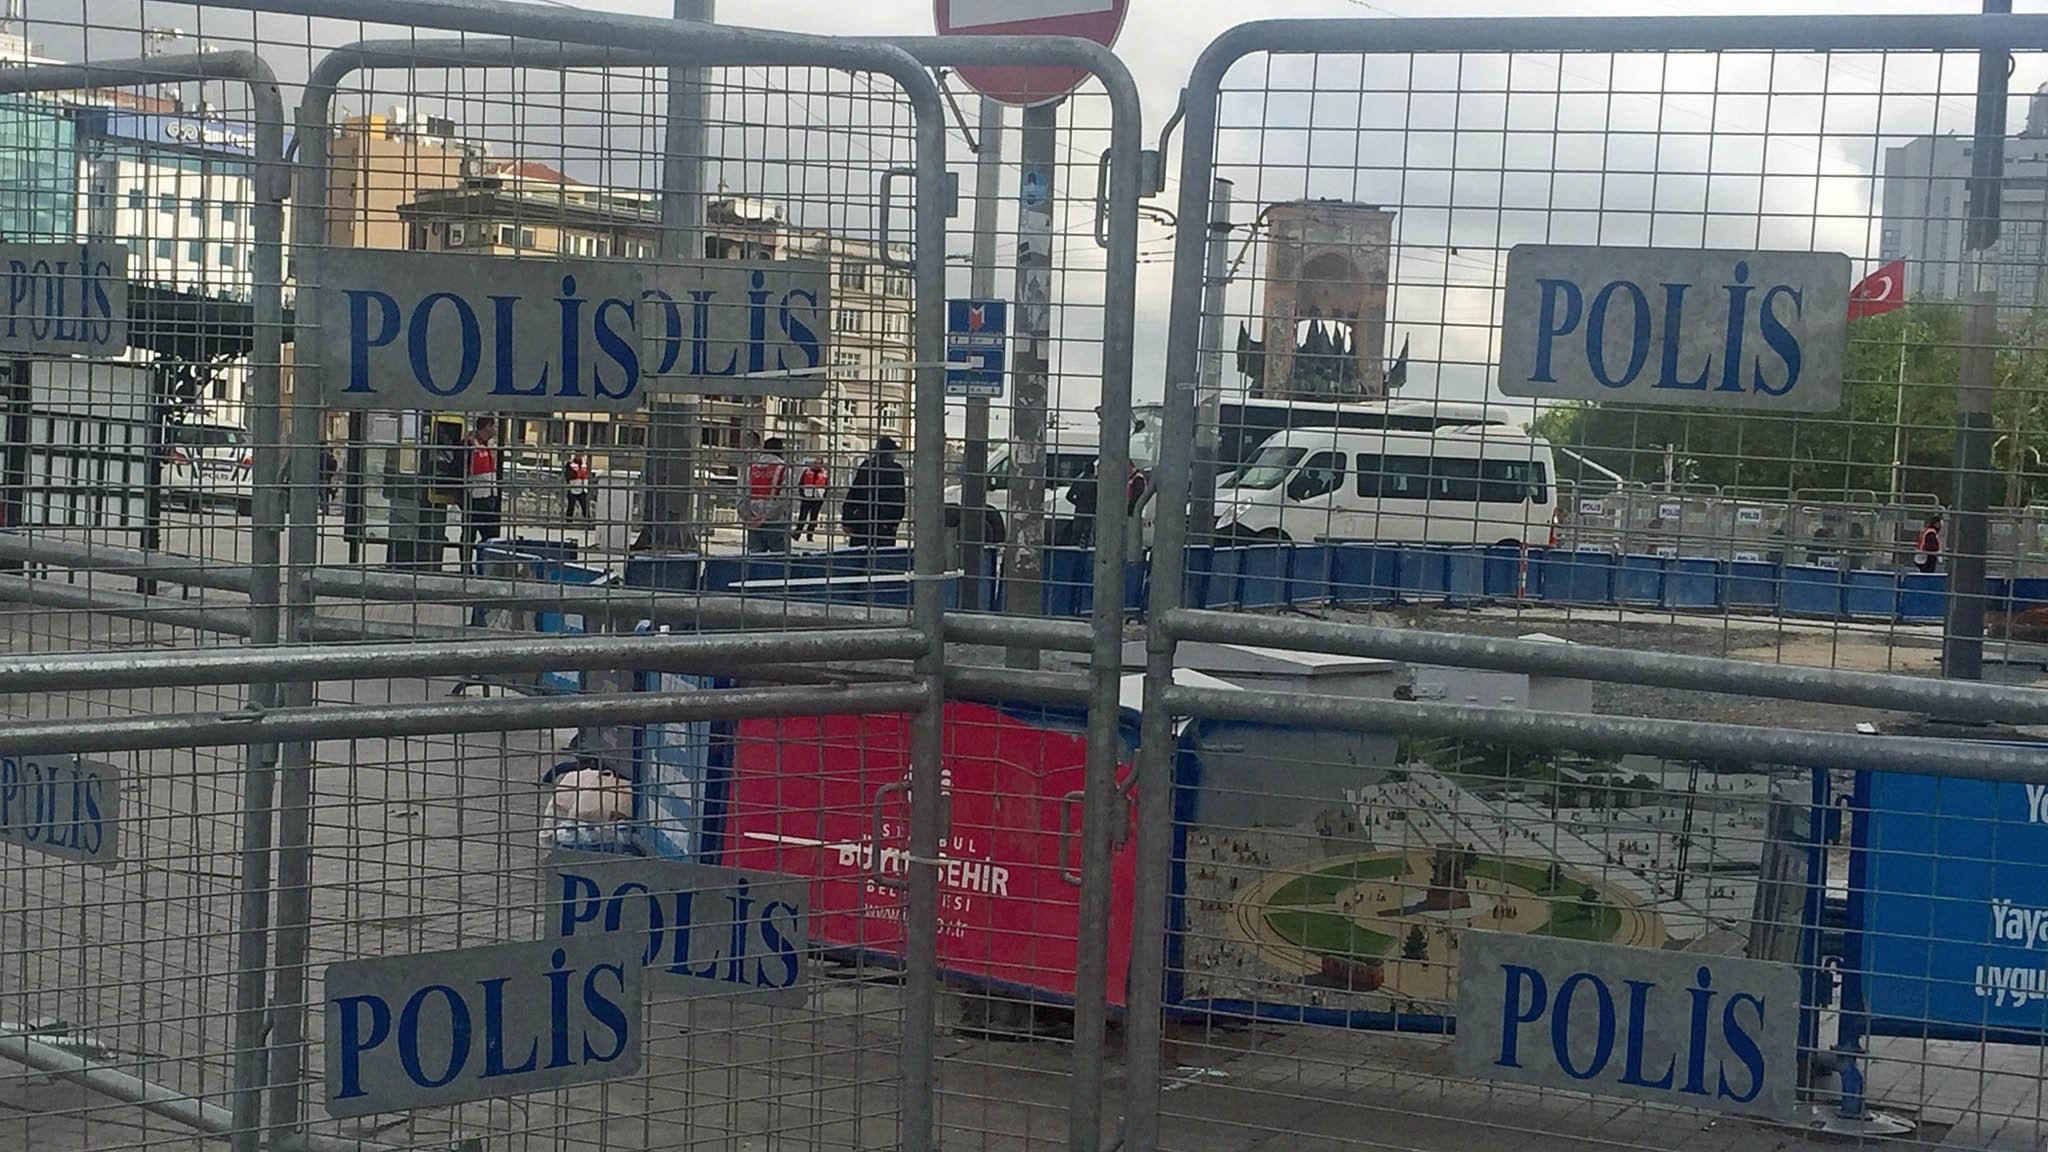 Avspärrningarna ska hindra demonstrationer på Taksimtorget i Istanbul. Foto: Katja Magnusson / Sveriges Radio